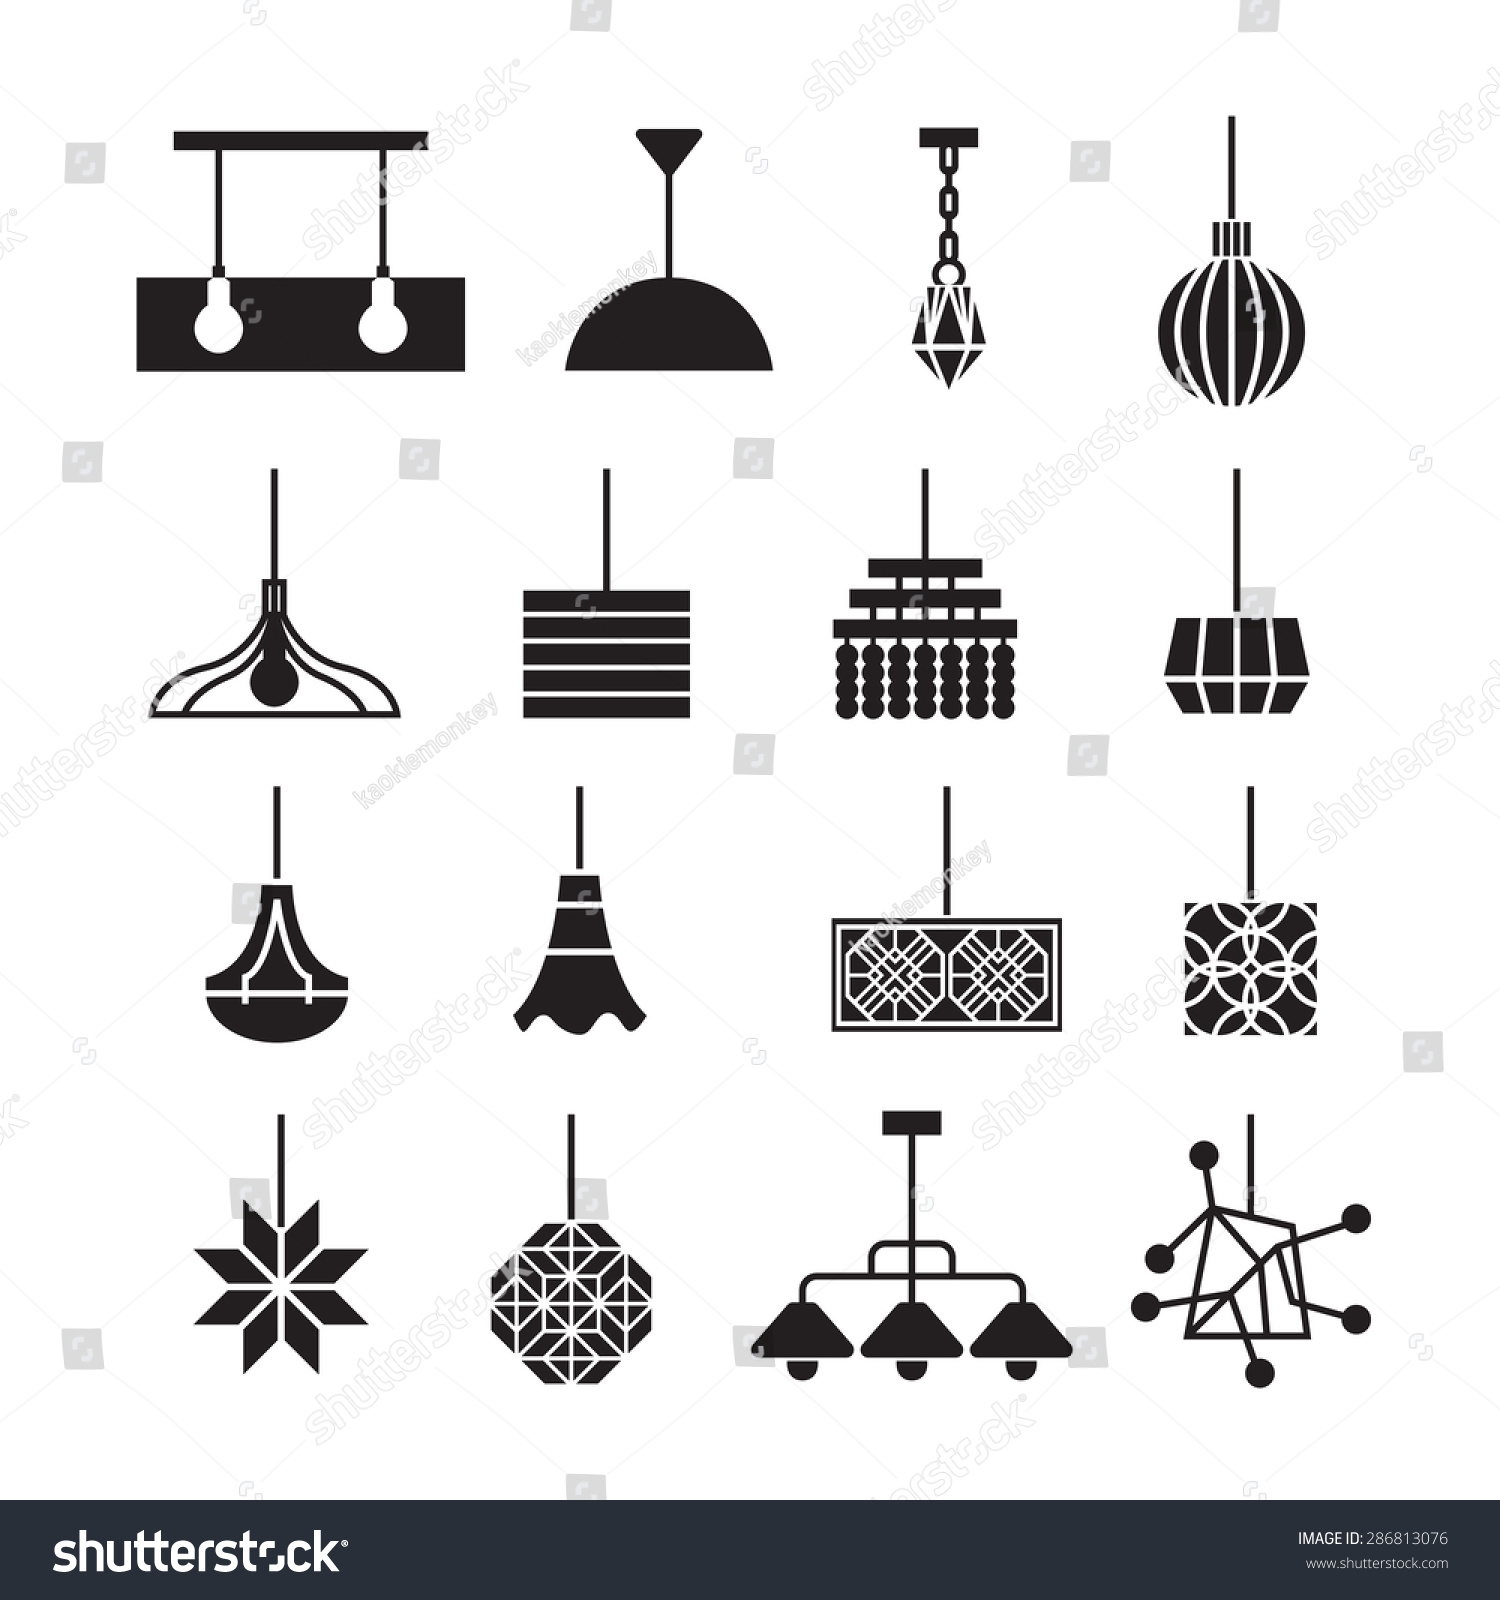 Hanging Lamp Vector: Hanging Lamp Vector Chandelier Vector Decorate Stock